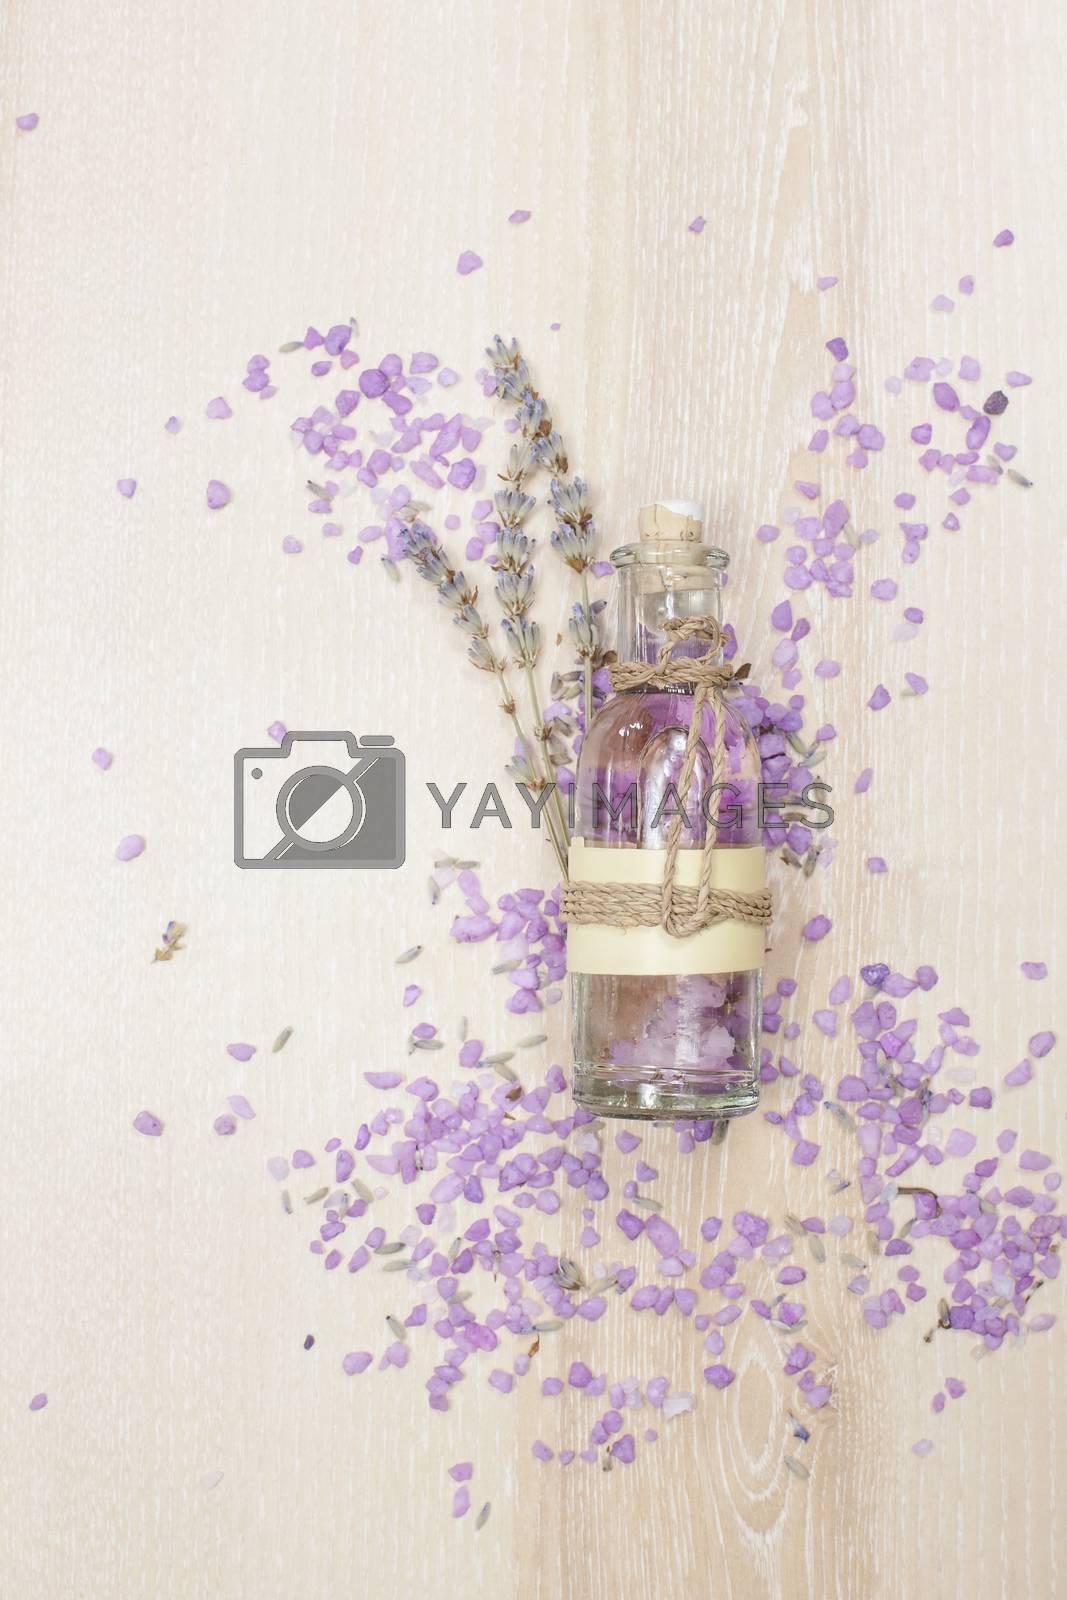 Lavender oil in a glass bottle by Slast20